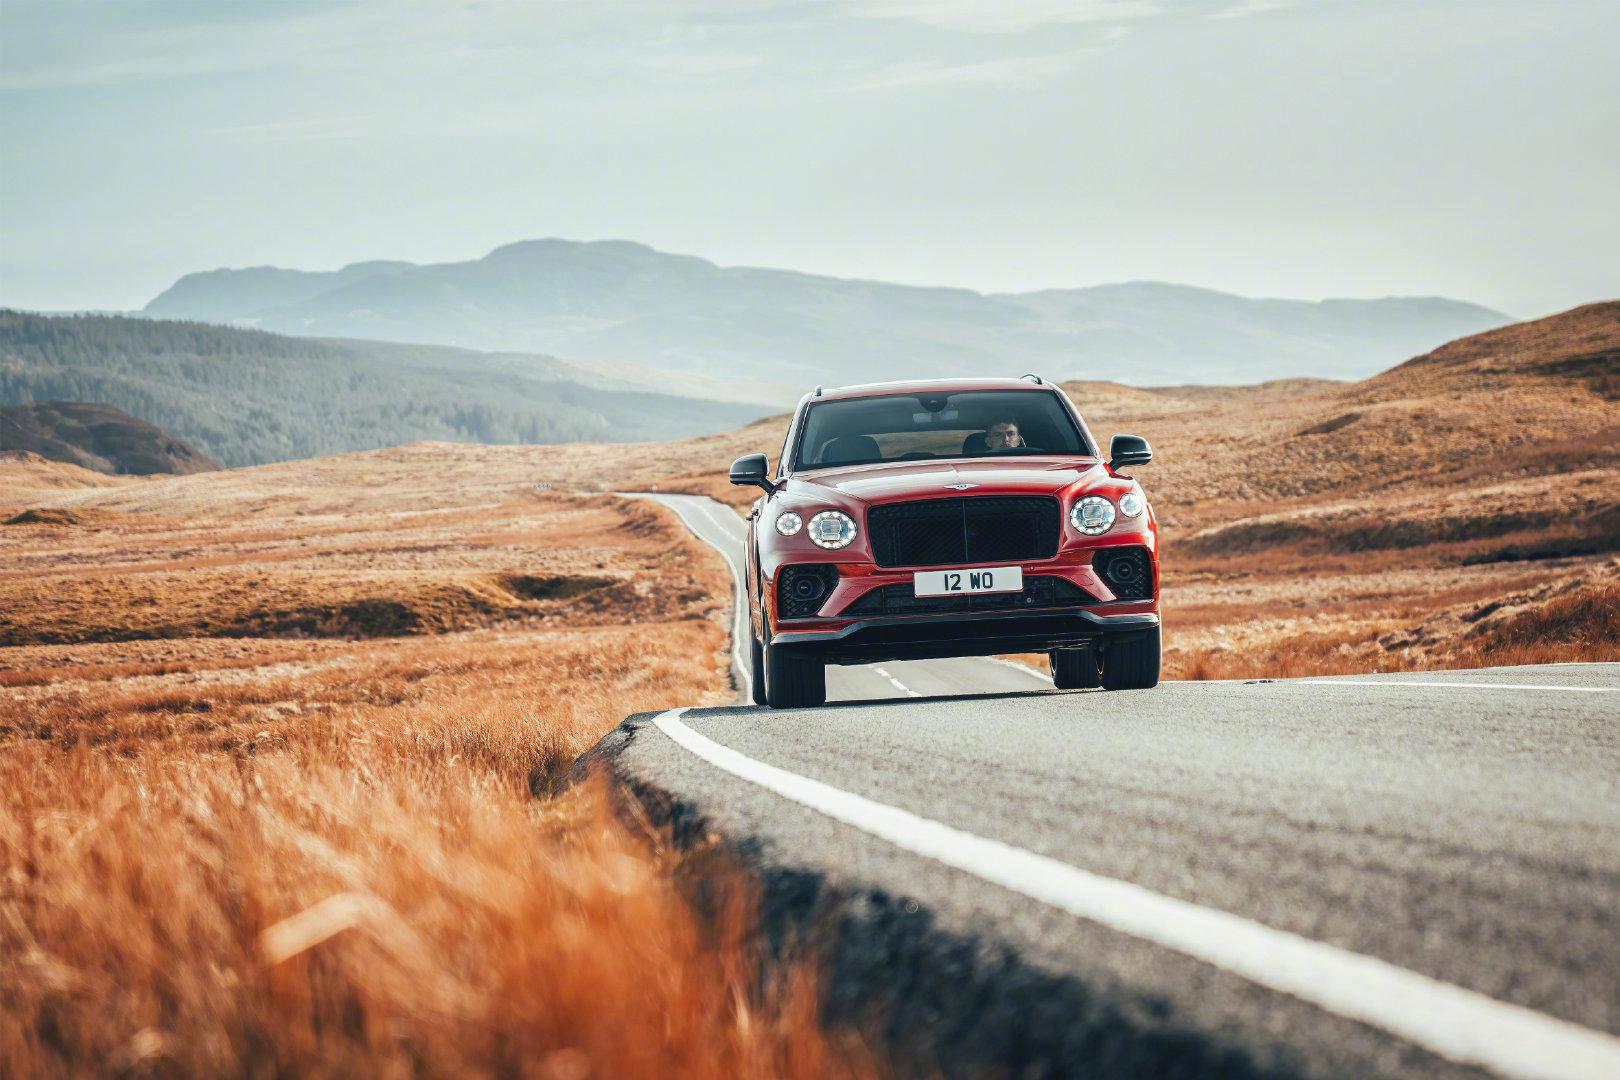 宾利添越S,新车将于10月29日首次亮相中国市场